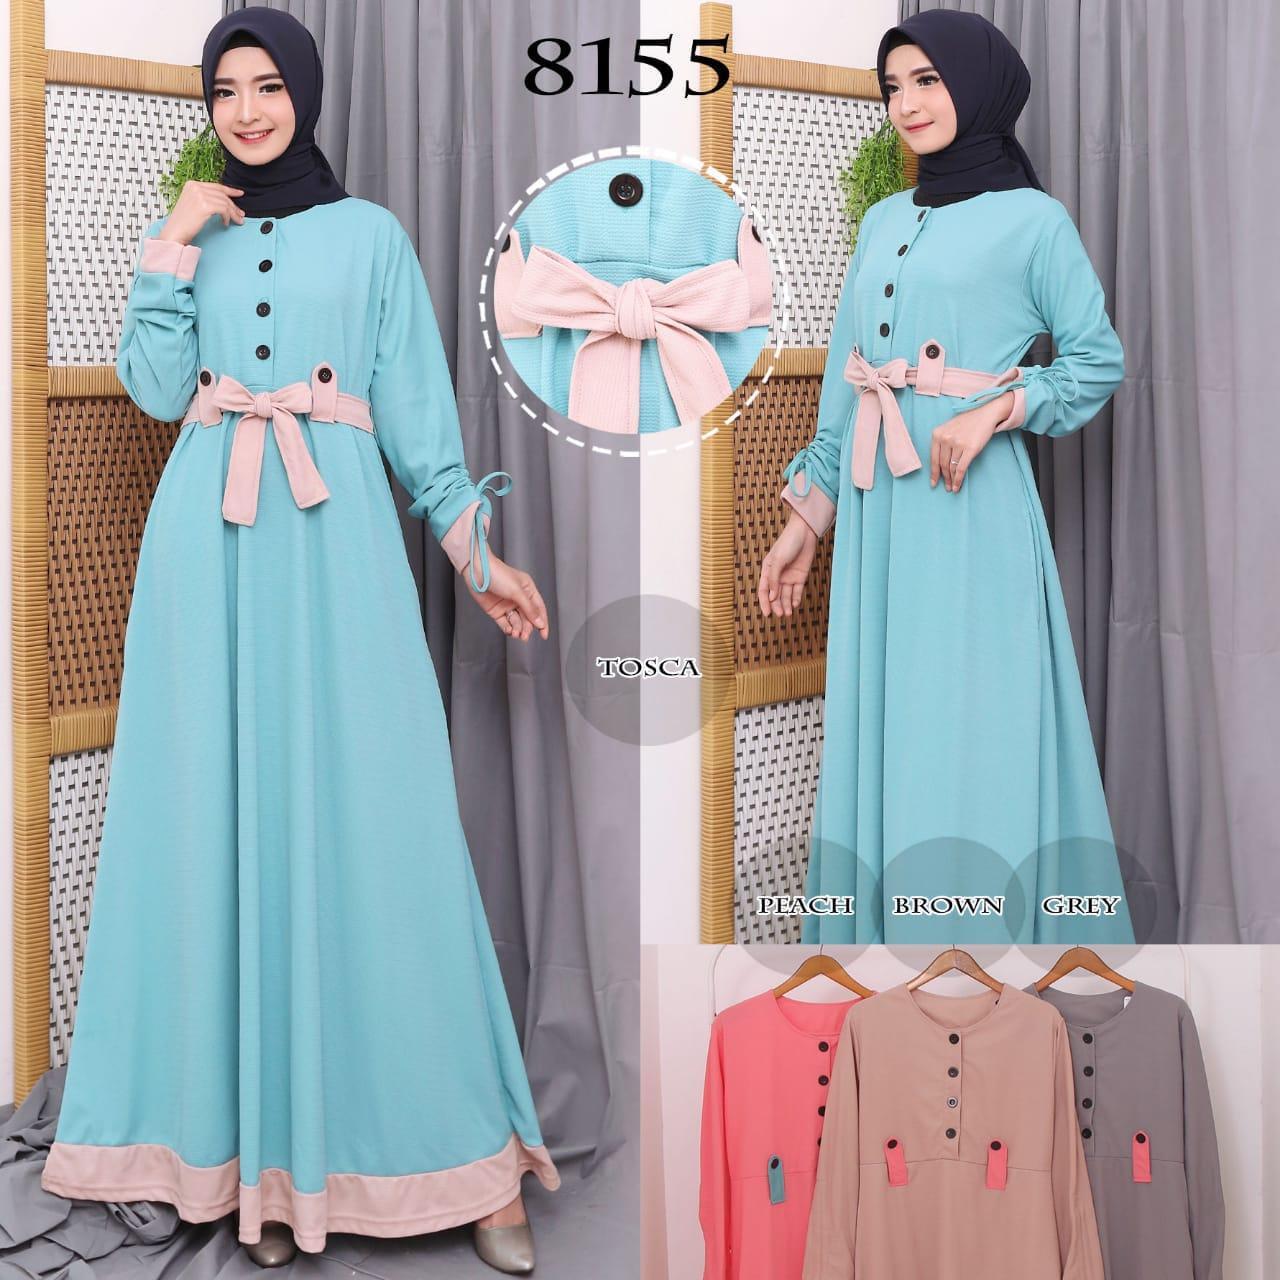 Jual Korean Jaket Dnd Harga Rp 110000 Promo Gamis Jumbo Murah Bahan Wafer Baju Wanita Muslimah Fashion